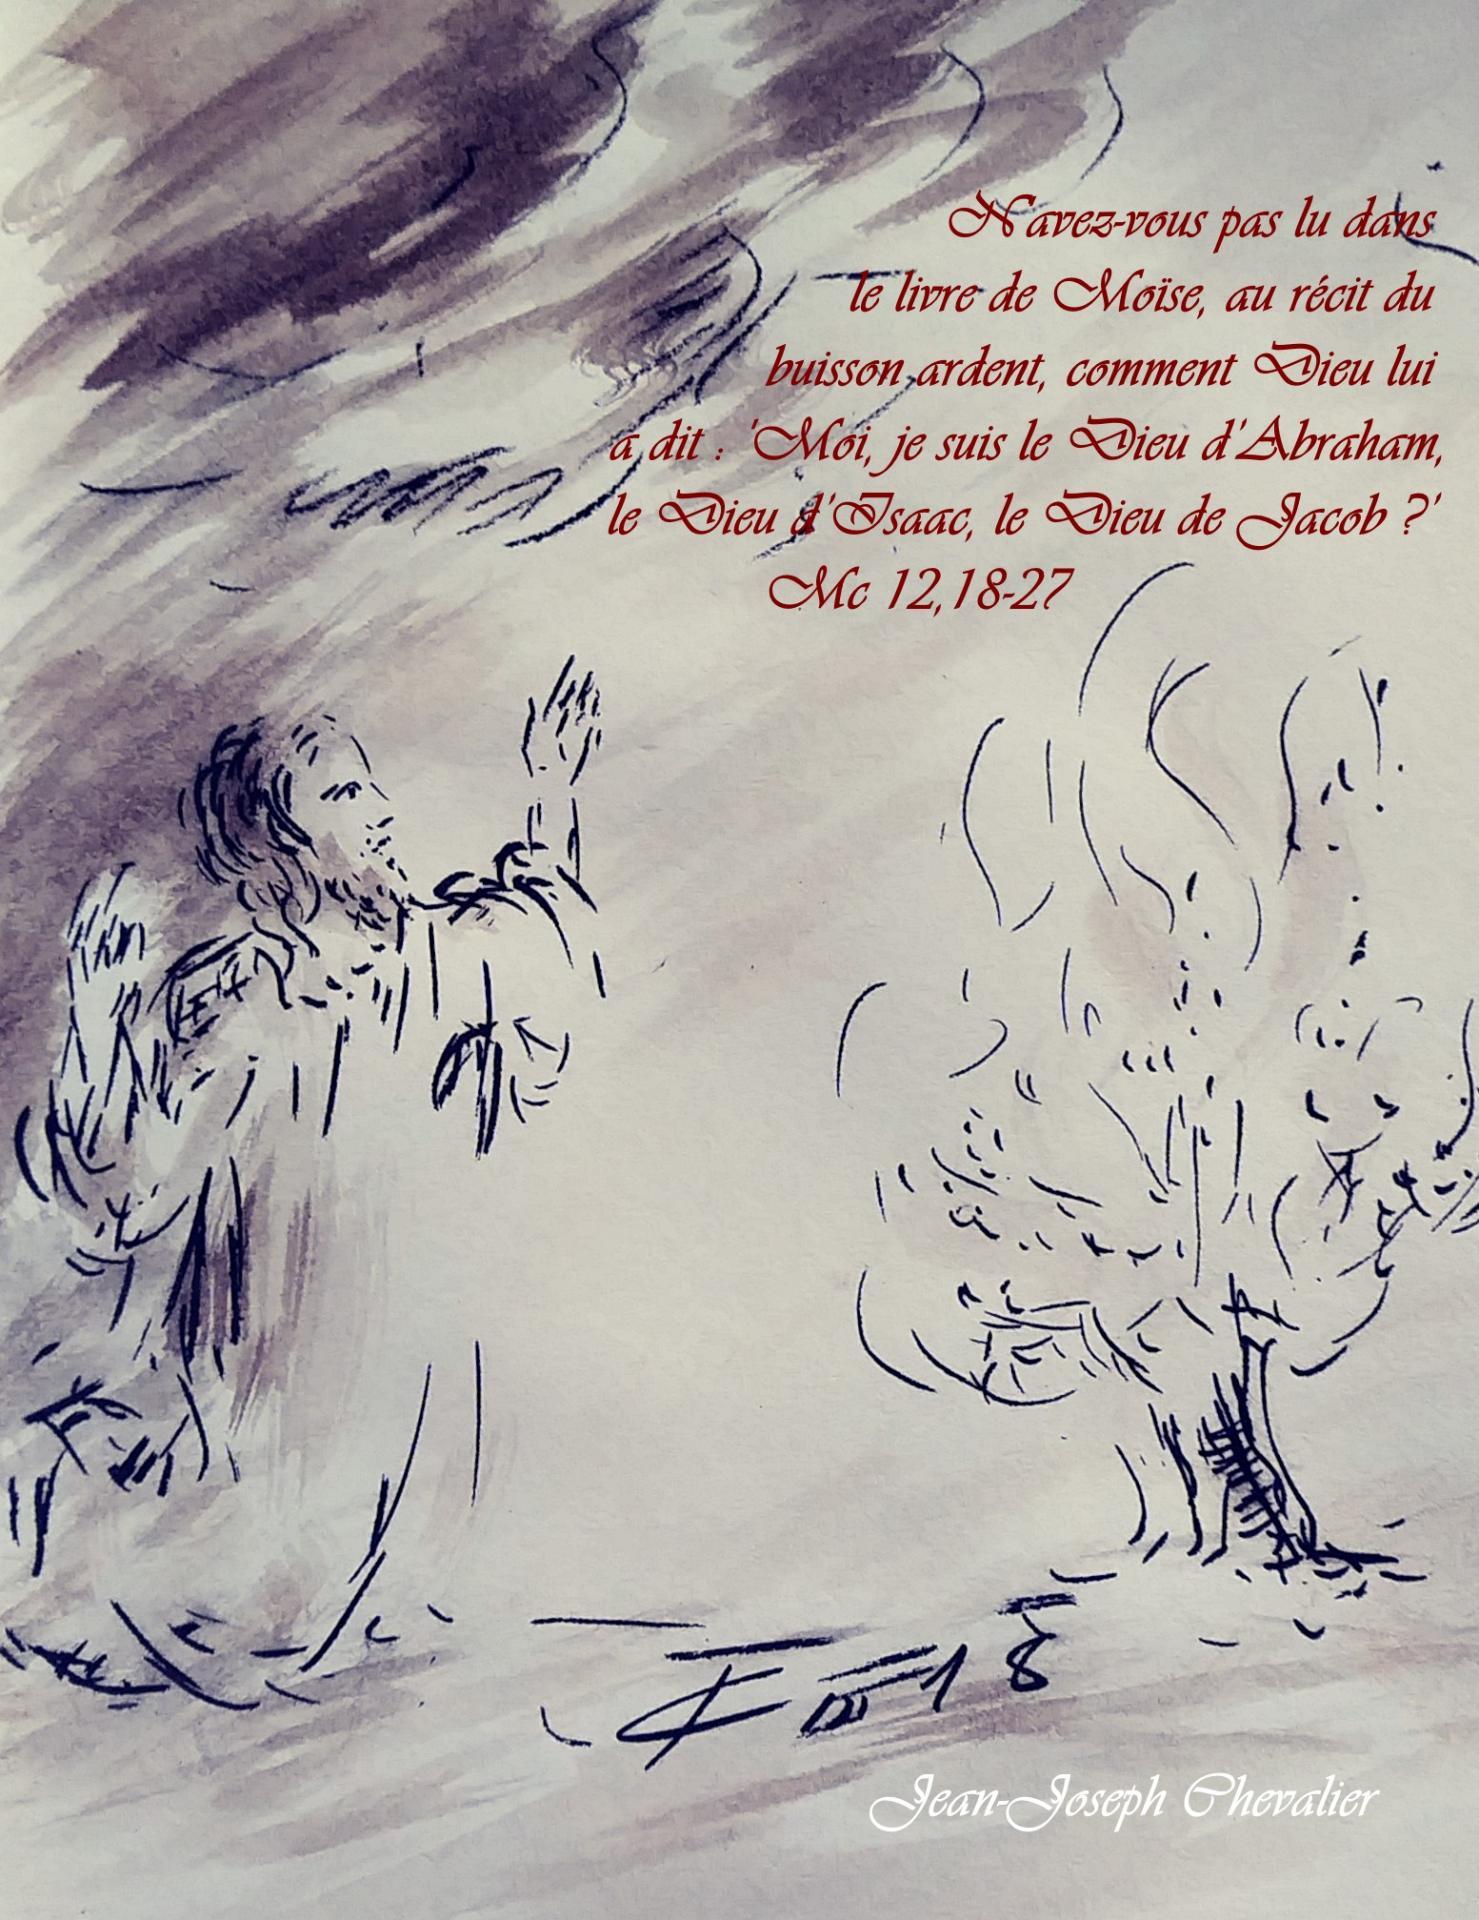 6 Juin 2018, évangile du jour illustré par un dessin au lavis